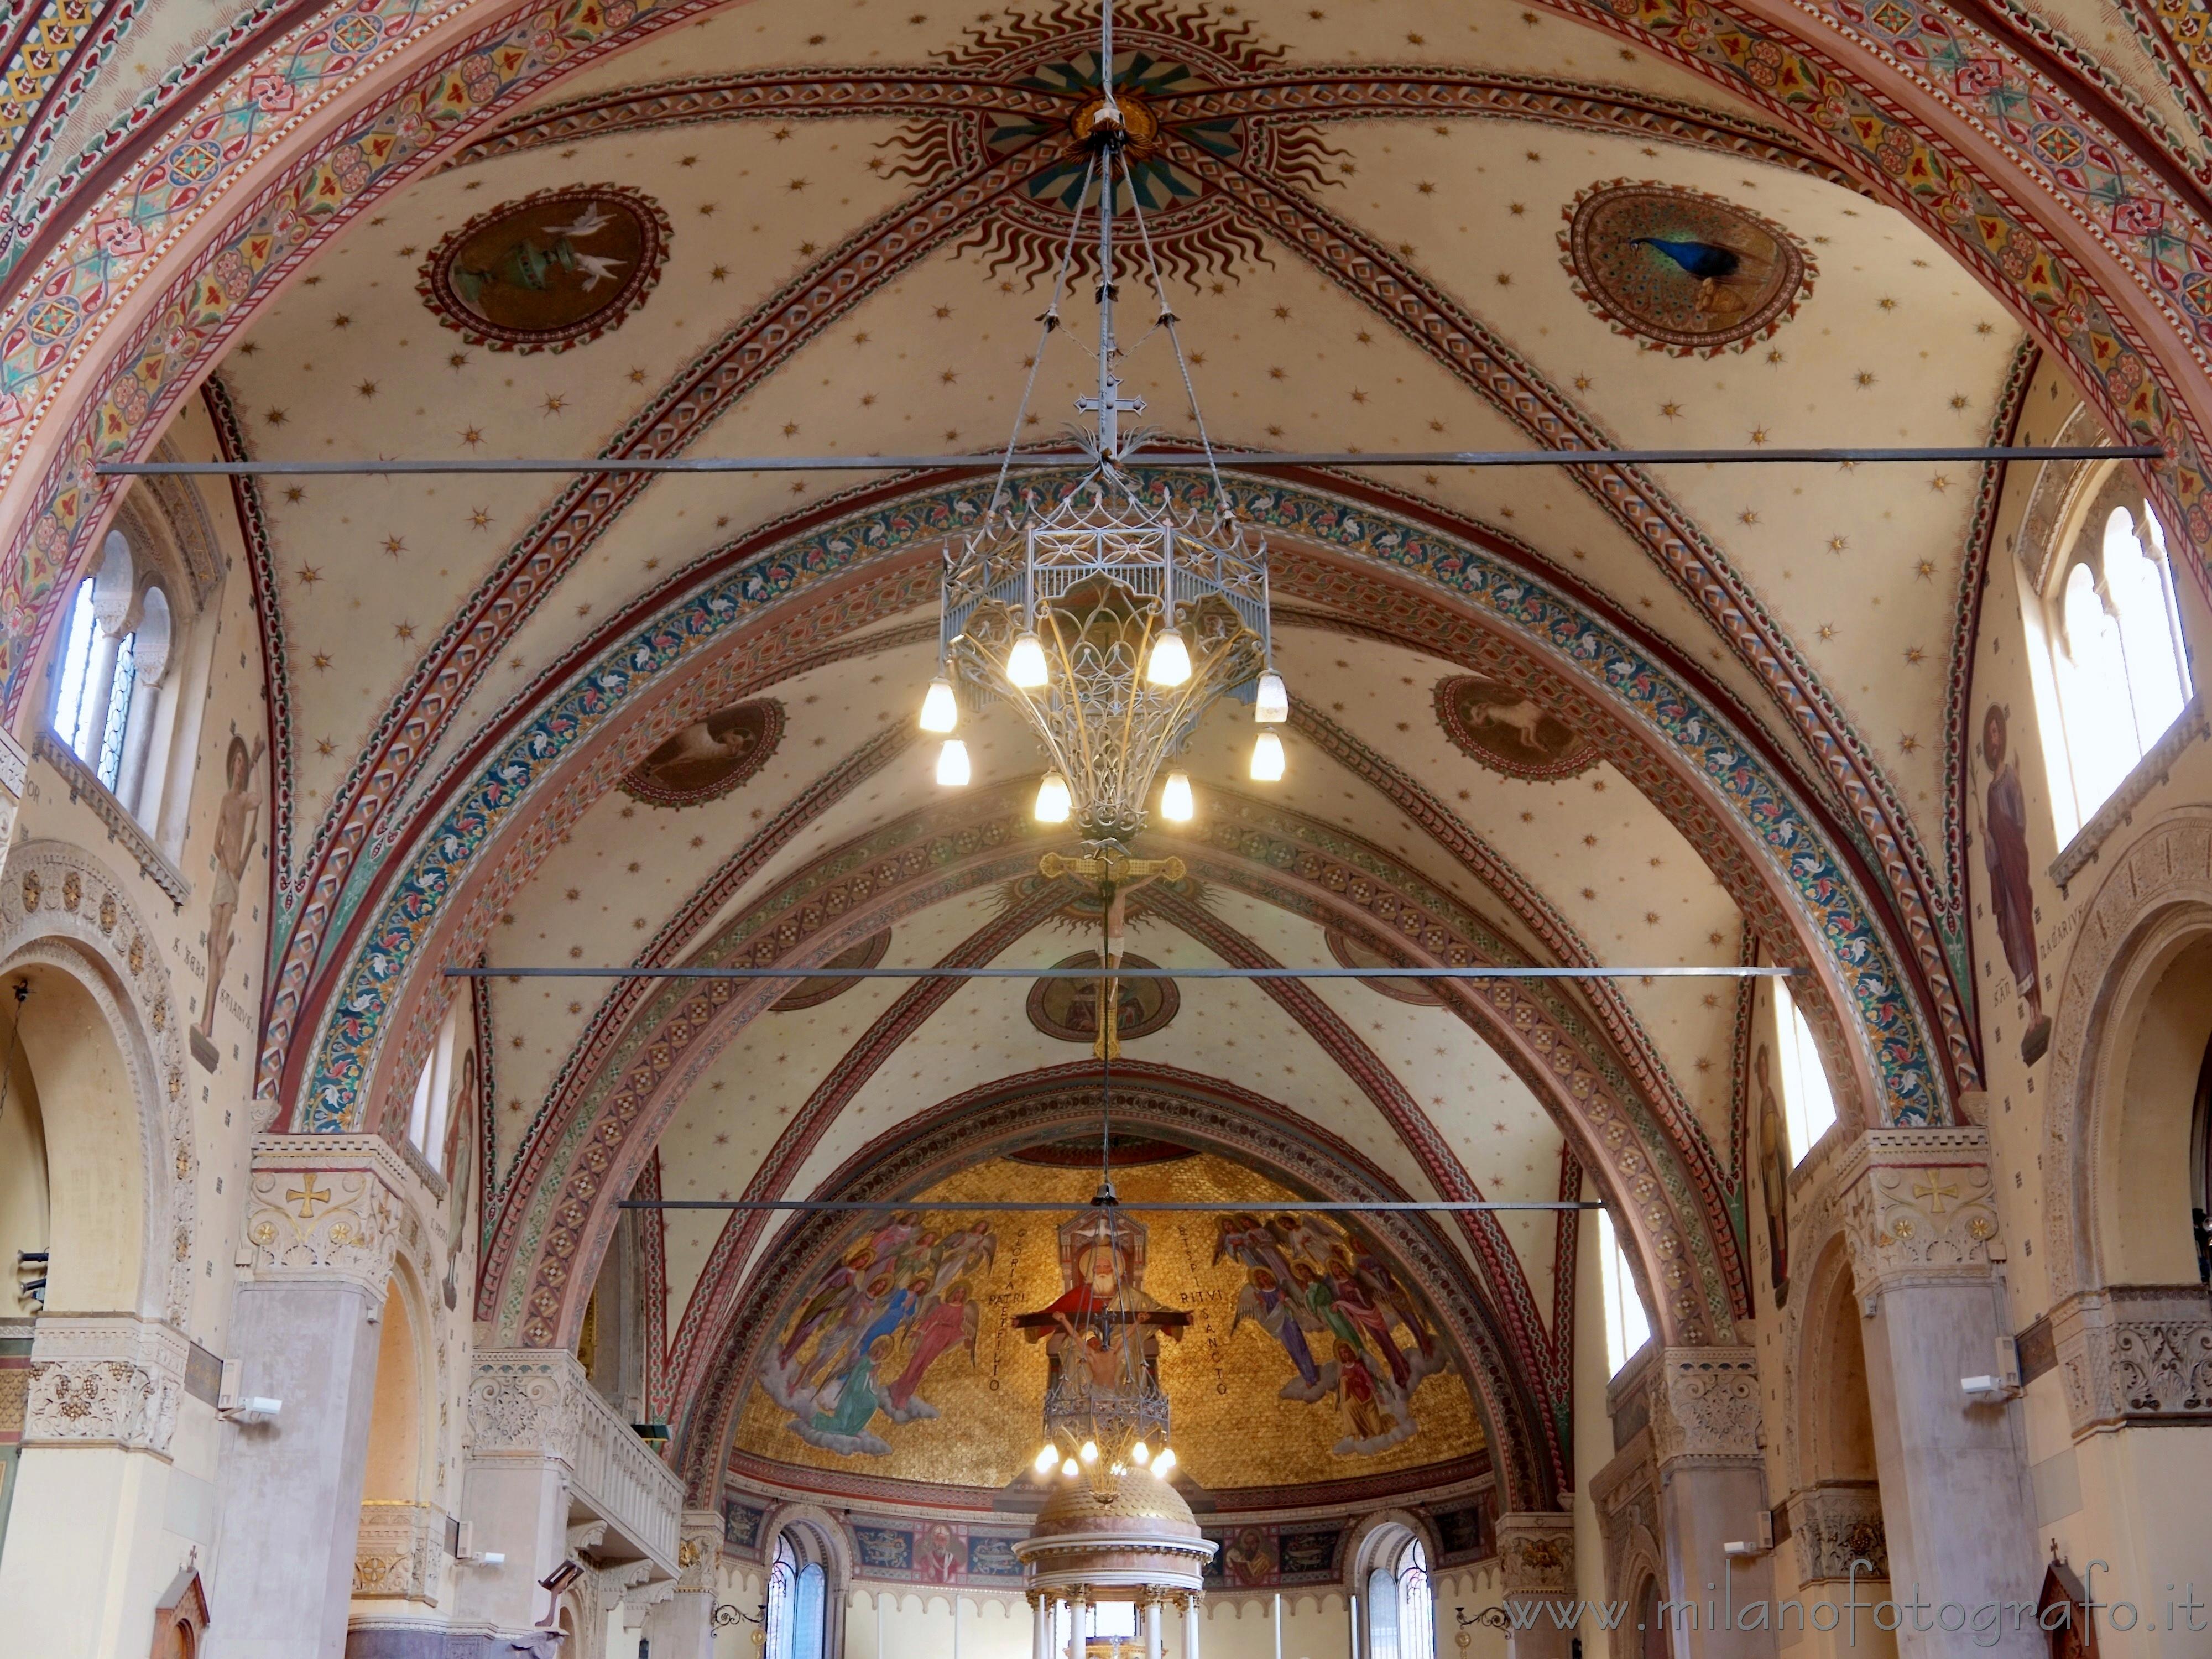 Milano: Soffitto decorato della Chiesa di San Calimero - immagine a piena risoluzione